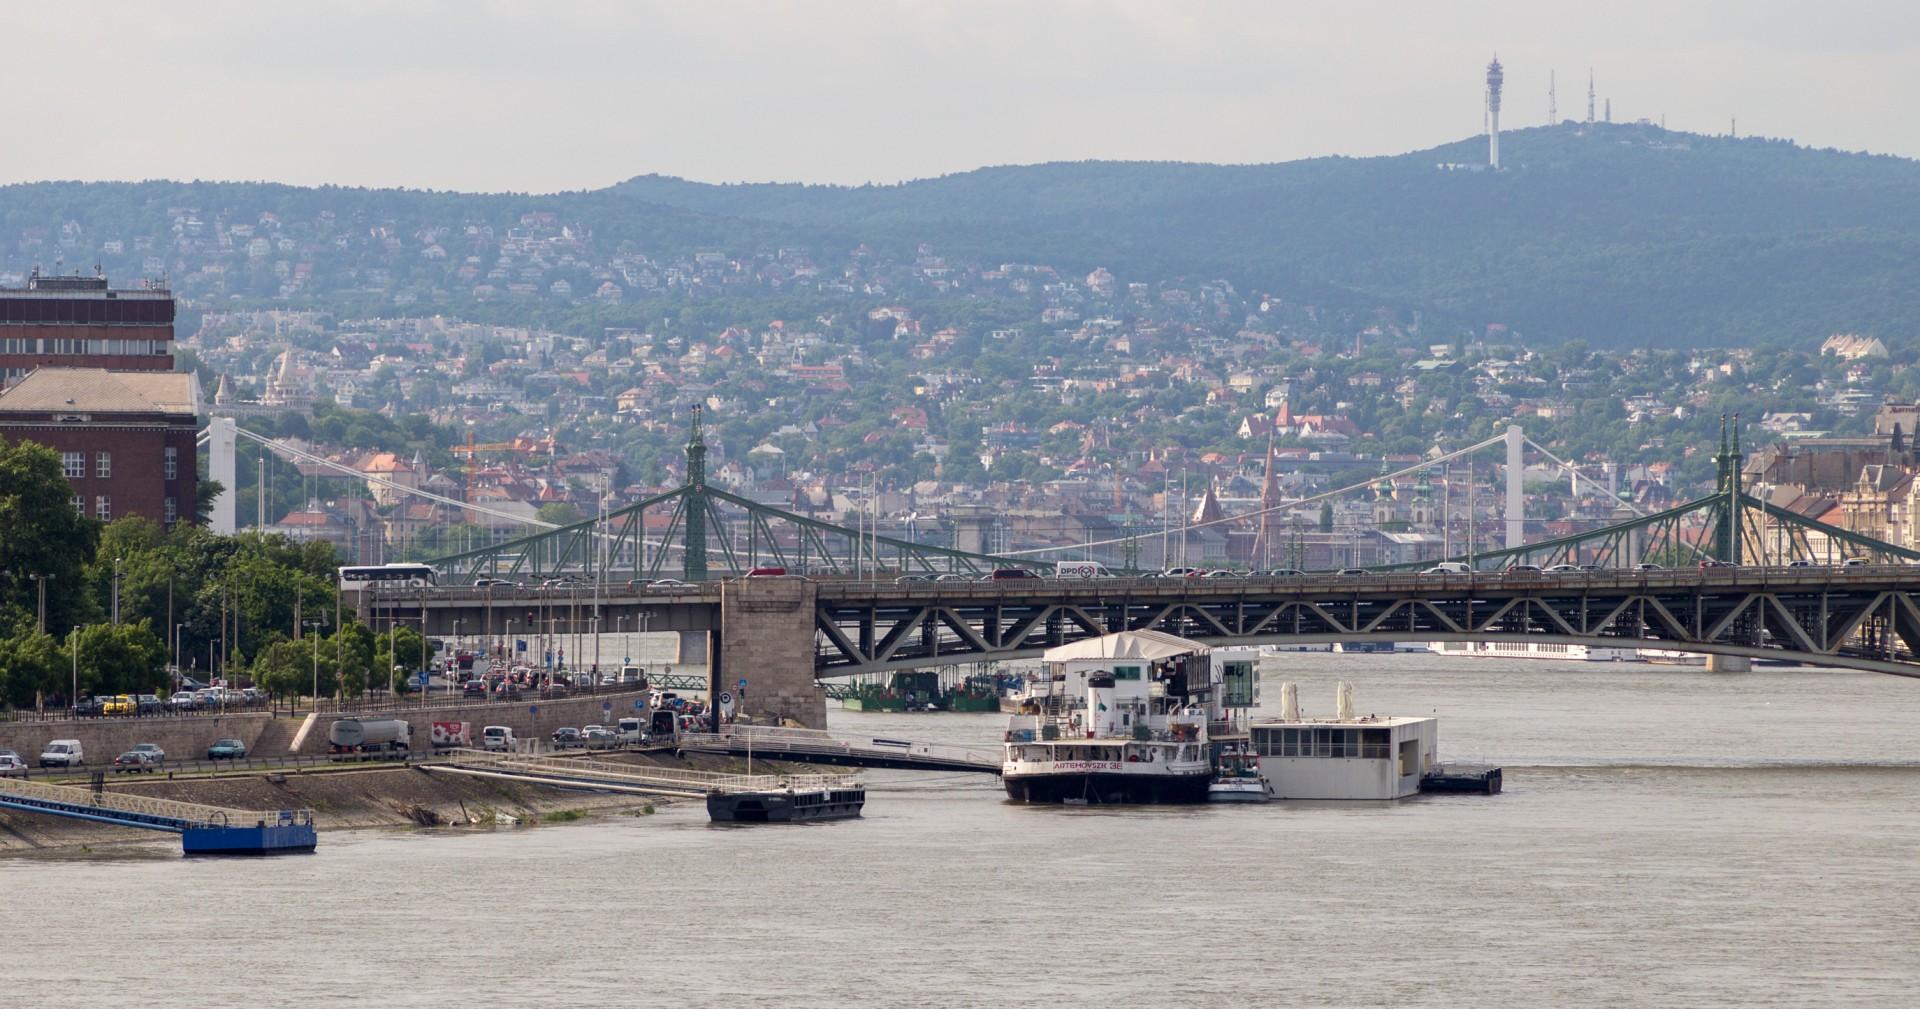 Petöfi, Szabadság und Erszebet híd von der Rakoczi hid aus gesehen